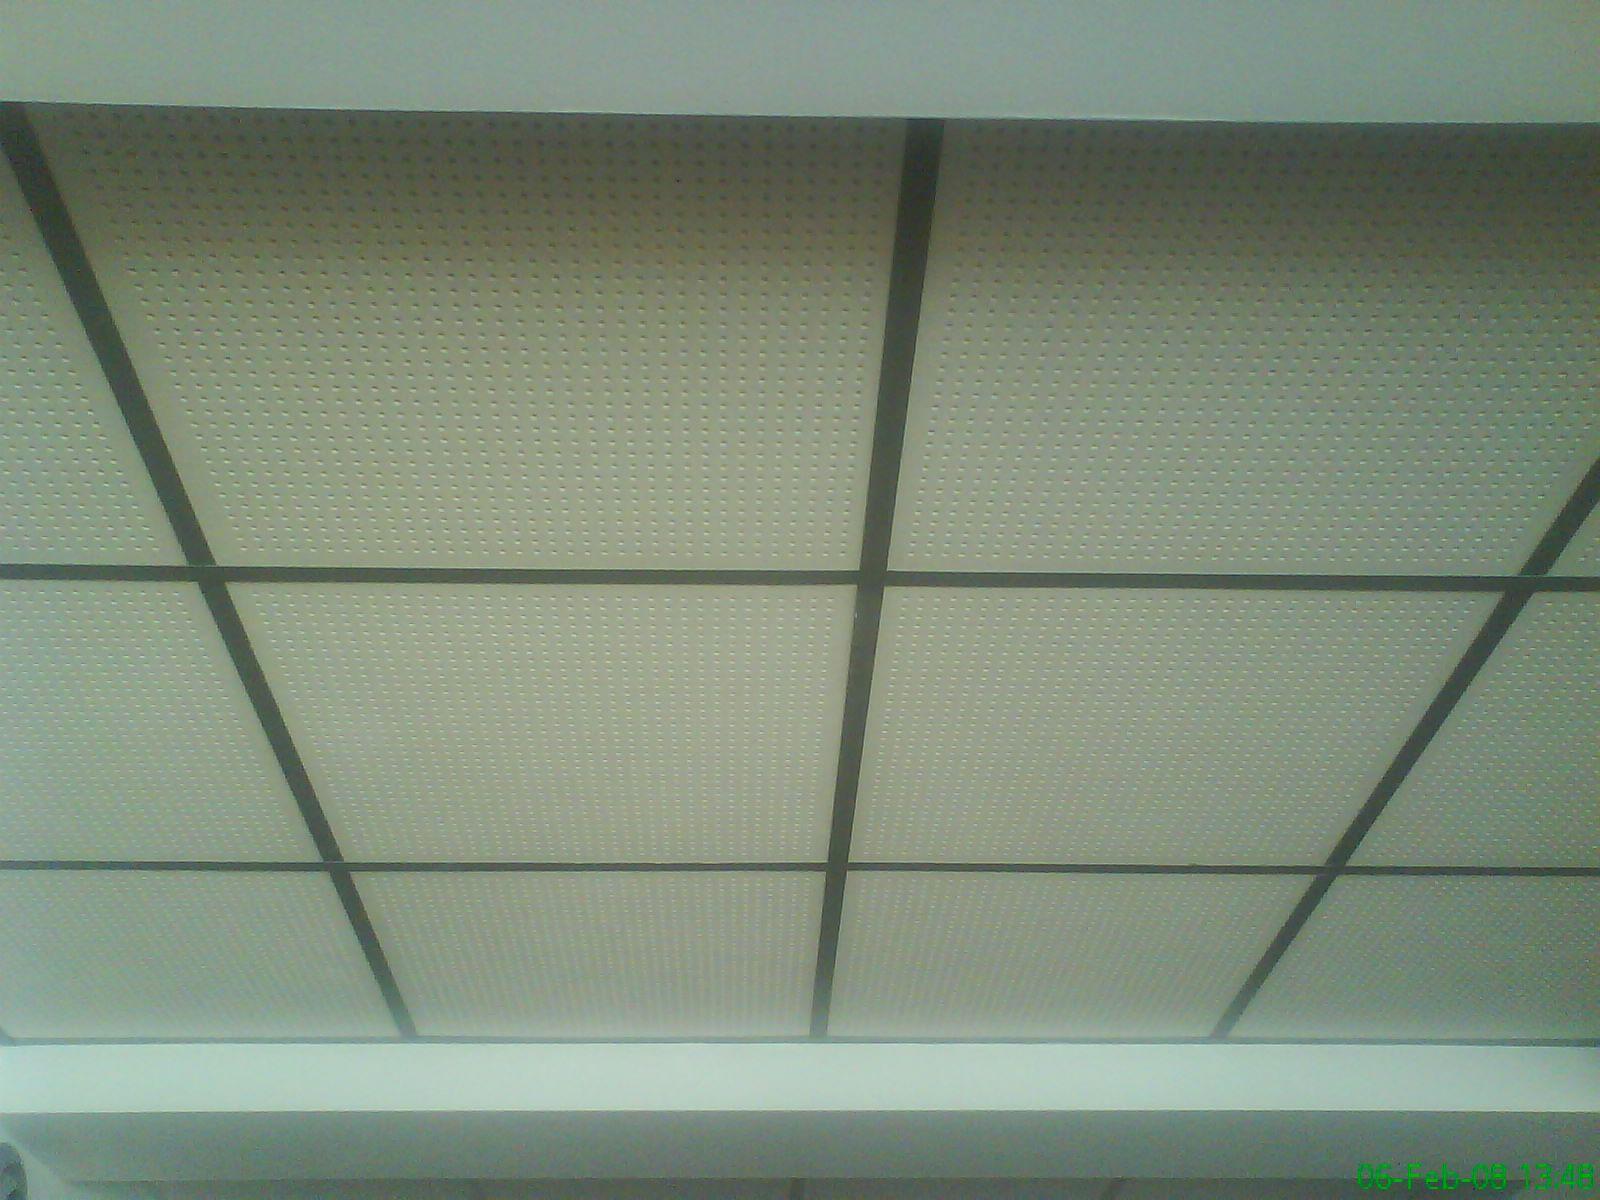 Falso techo registrable con placas agujereadas reforma - Falso techo registrable ...